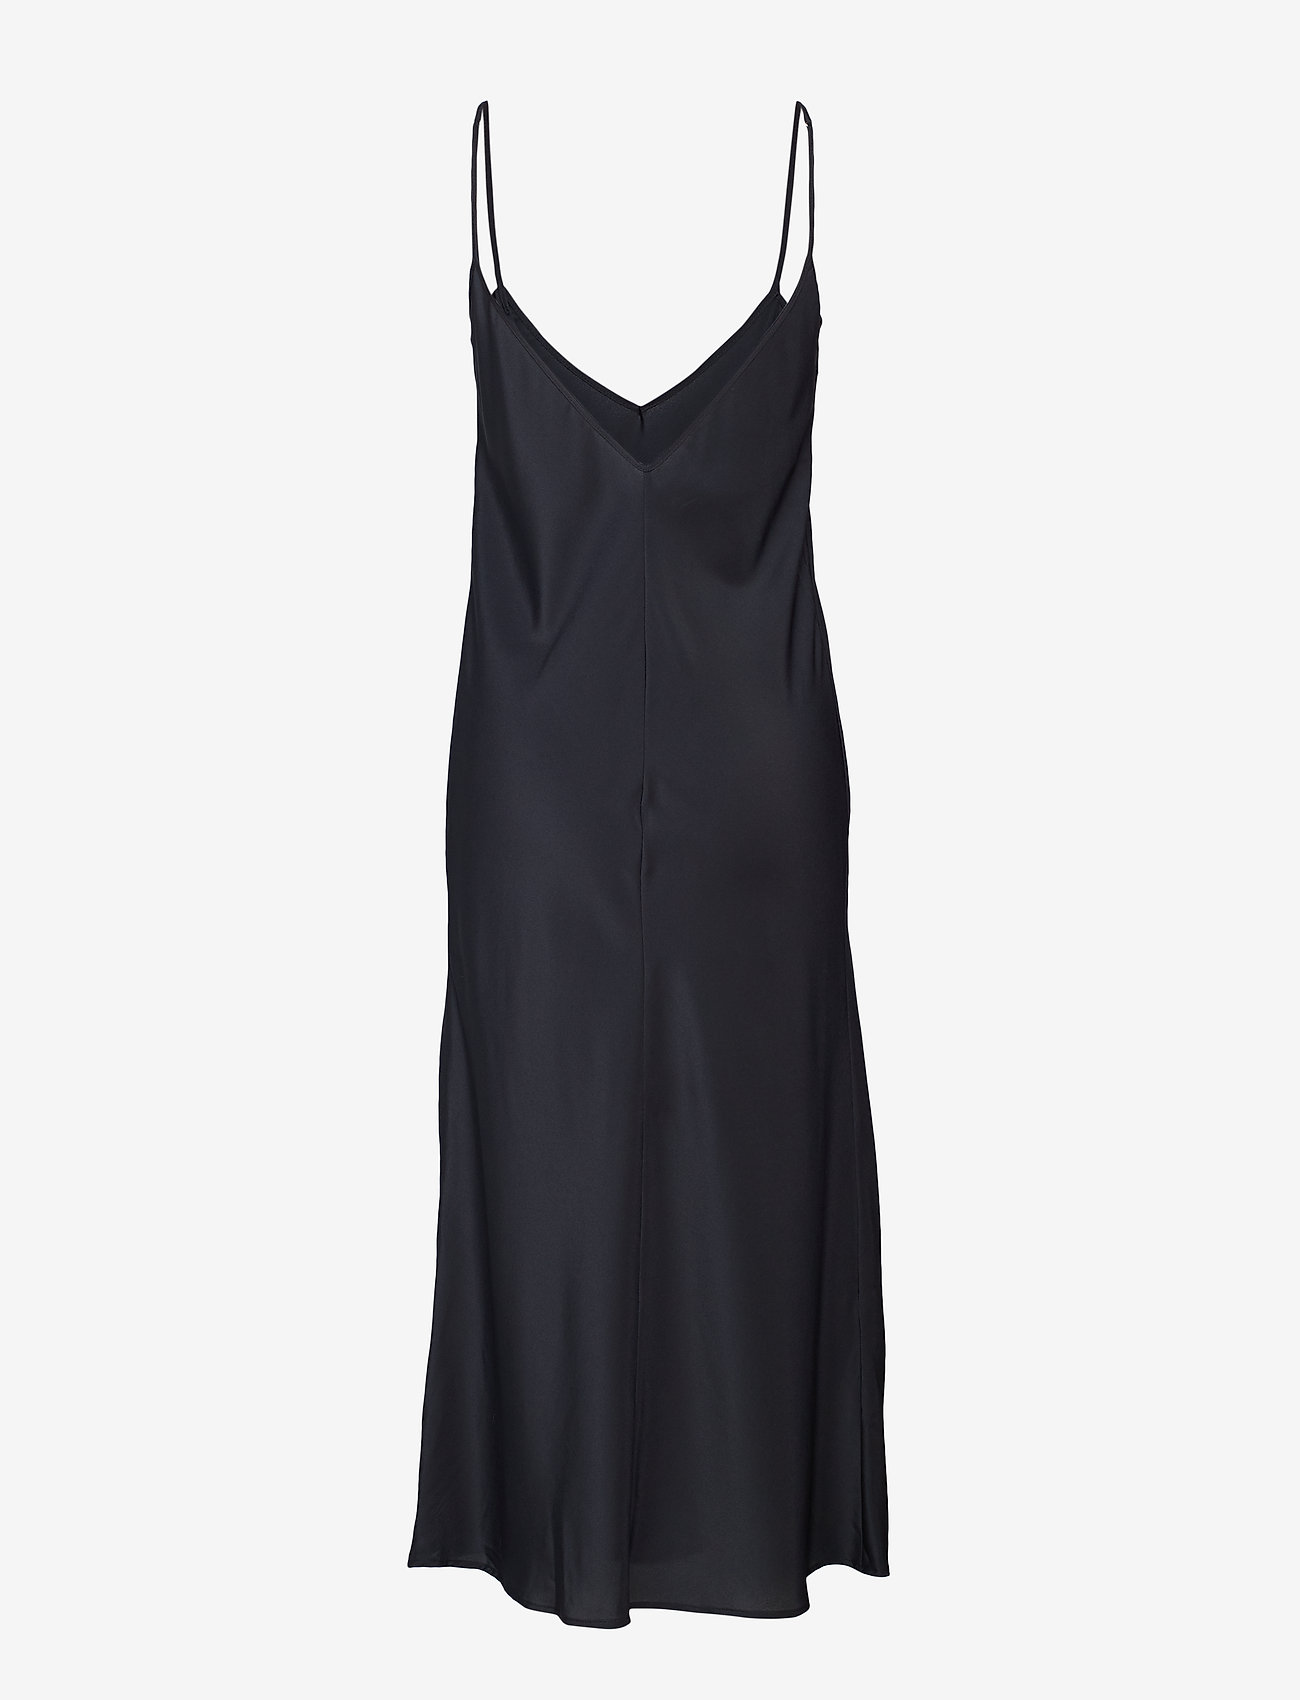 Dress (Black) (2780 kr) - MSGM